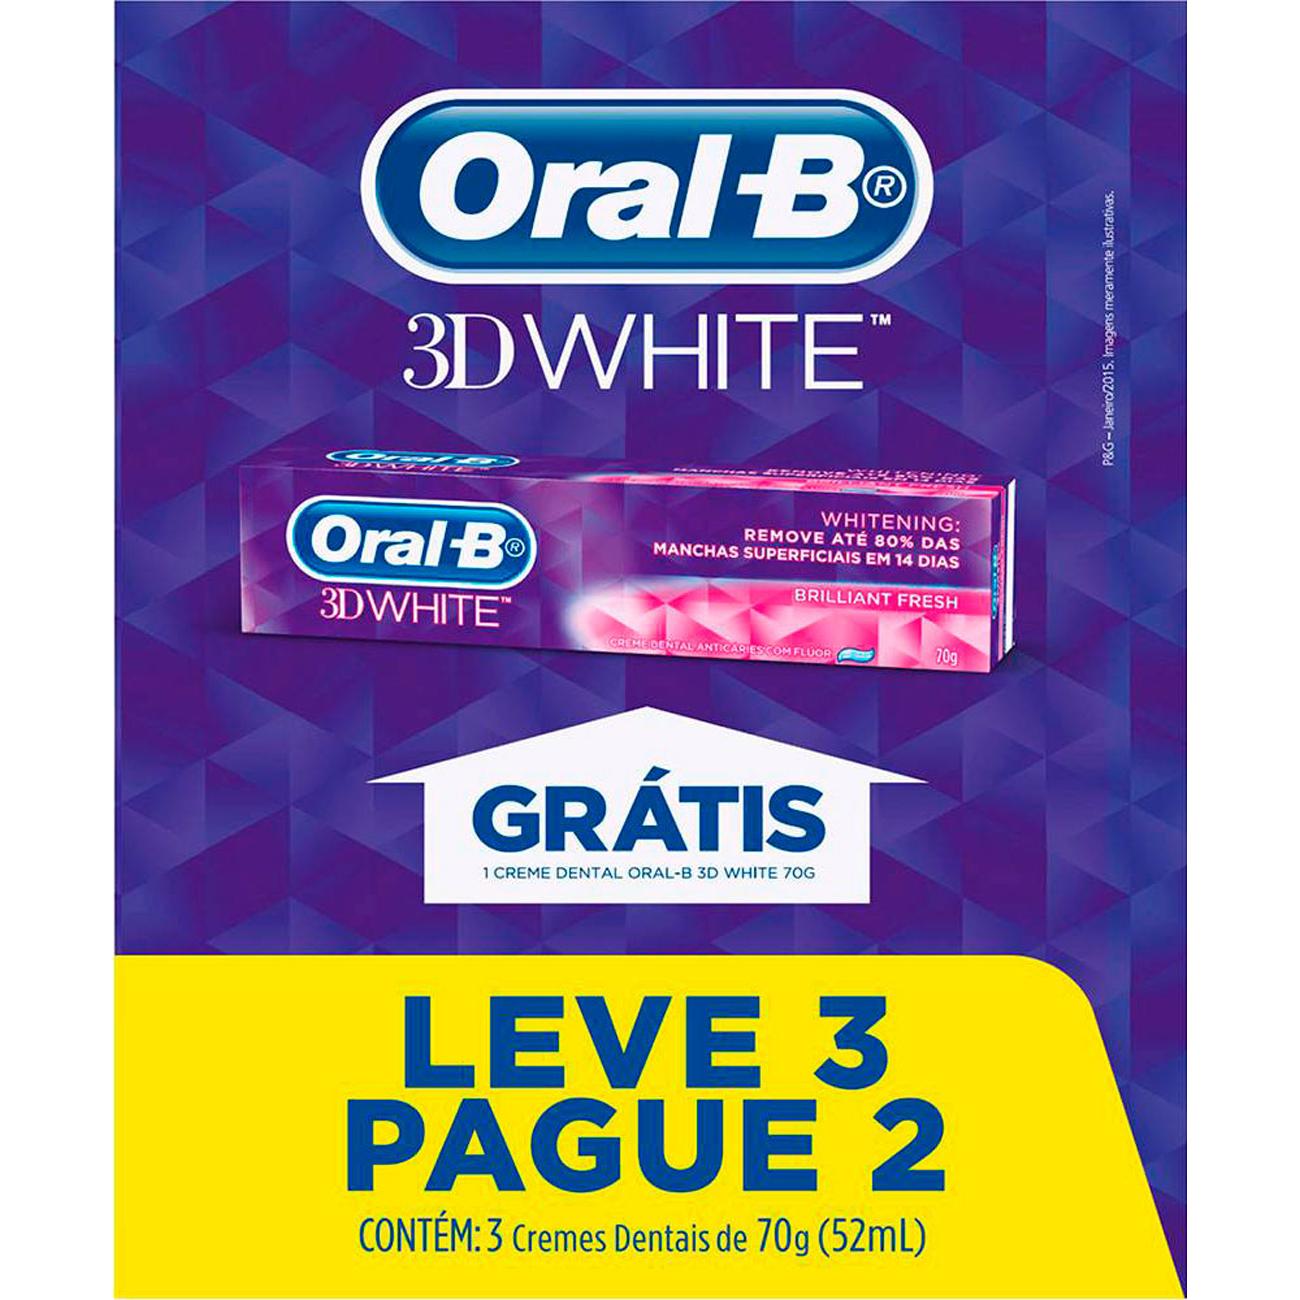 Creme Dental Oral-B 3D White 70G L3P2